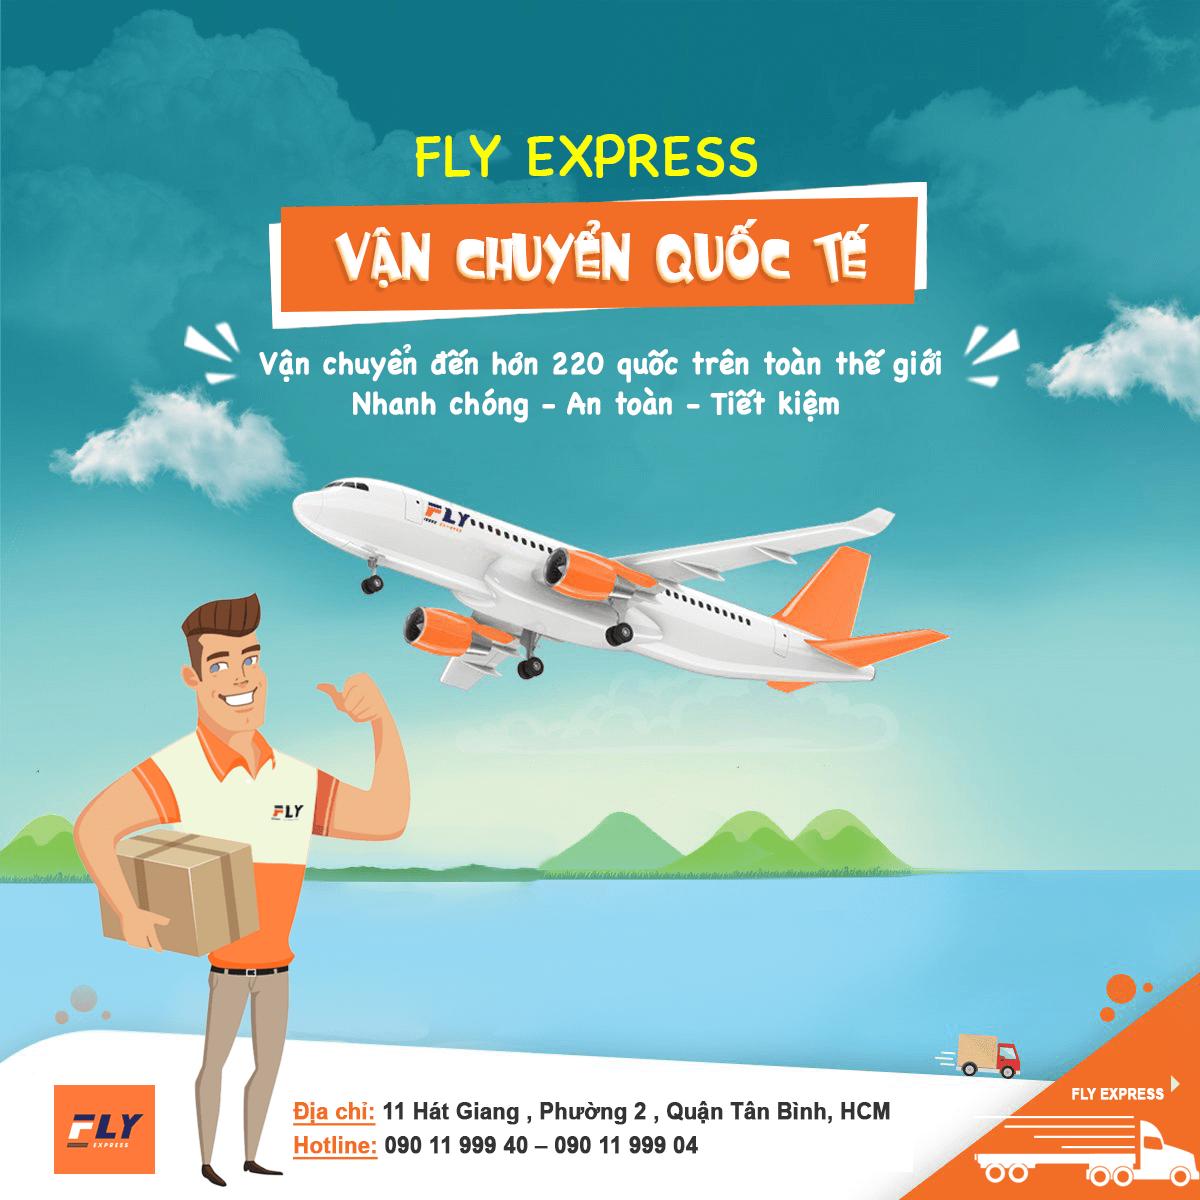 vận chuyển quốc tế fly express